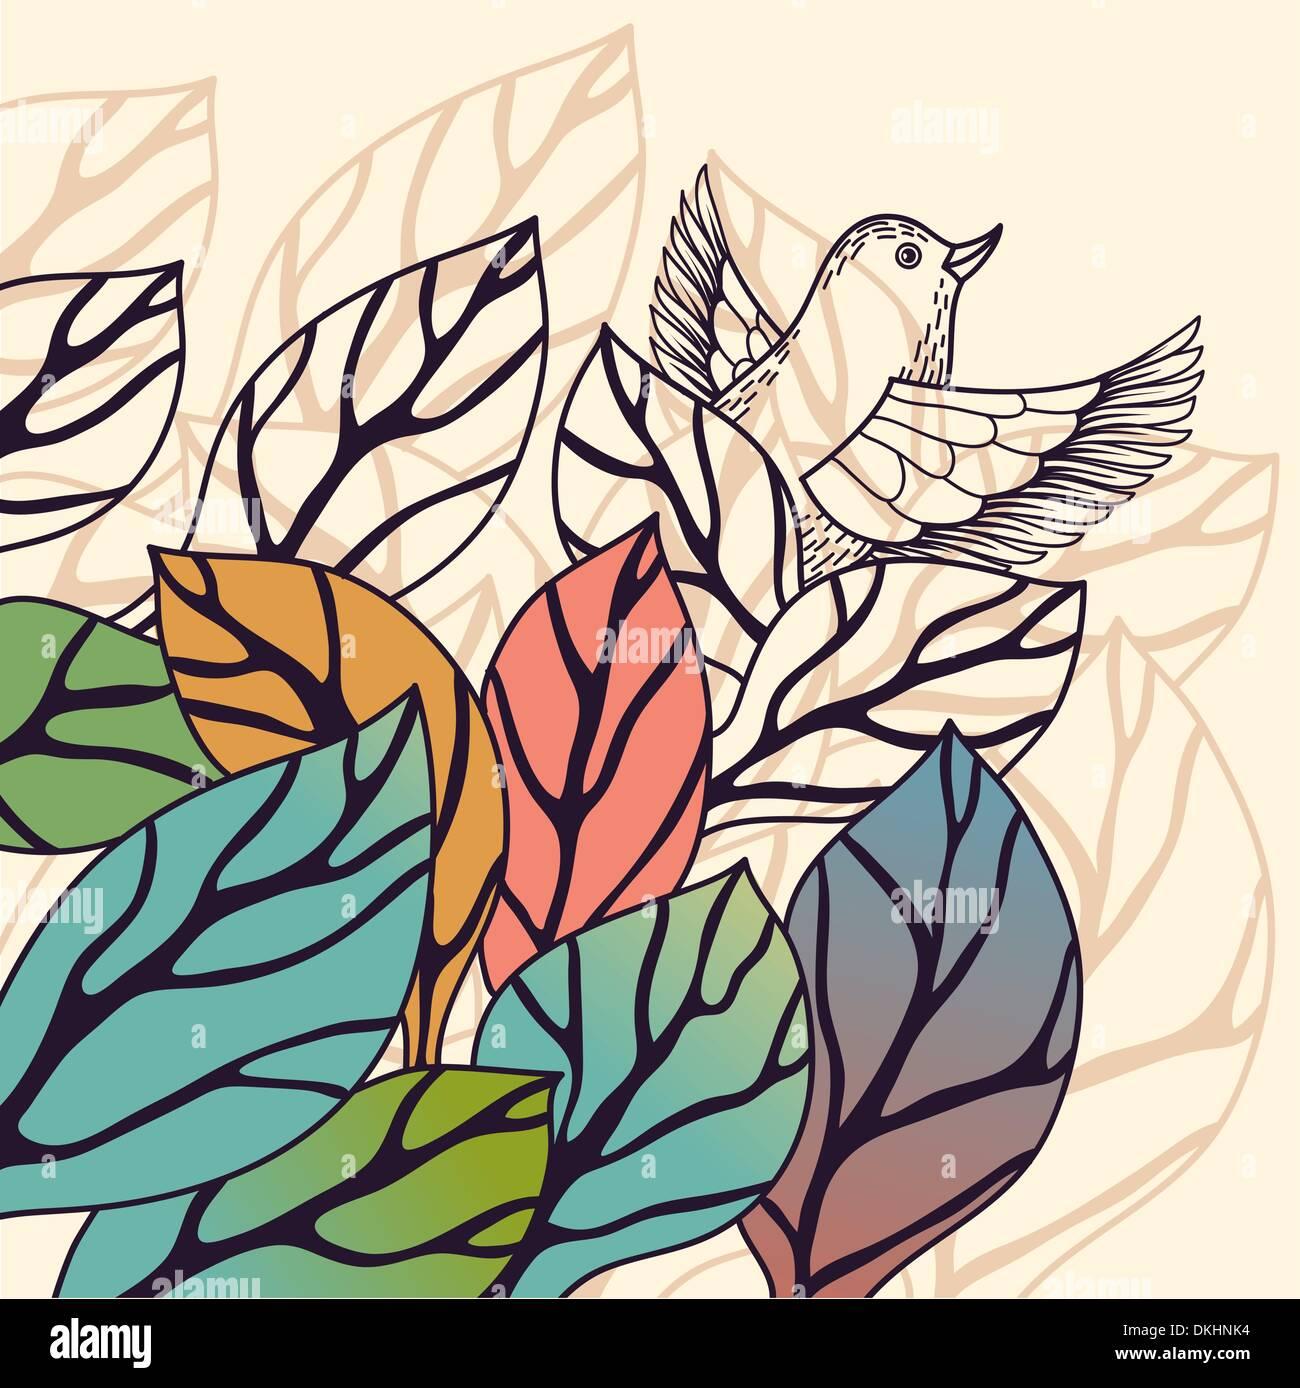 Natureza do vetor de fundo com folhas coloridas Imagens de Stock